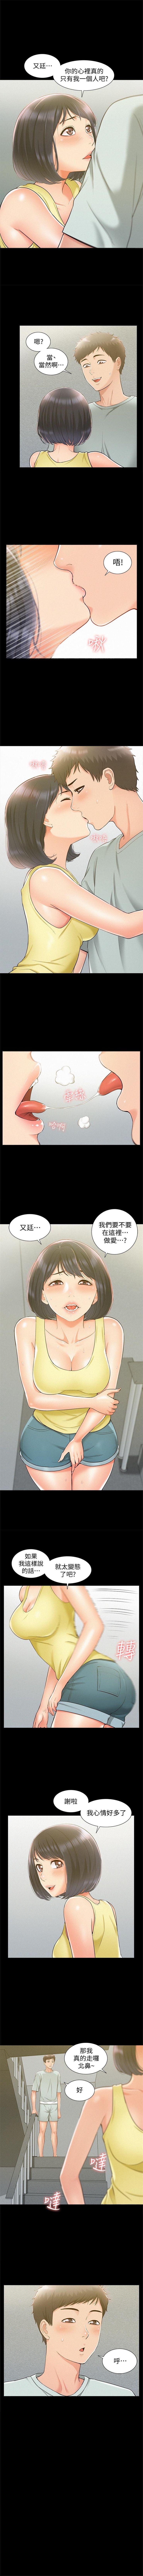 (周4)难言之隐 1-19 中文翻译(更新中) 83